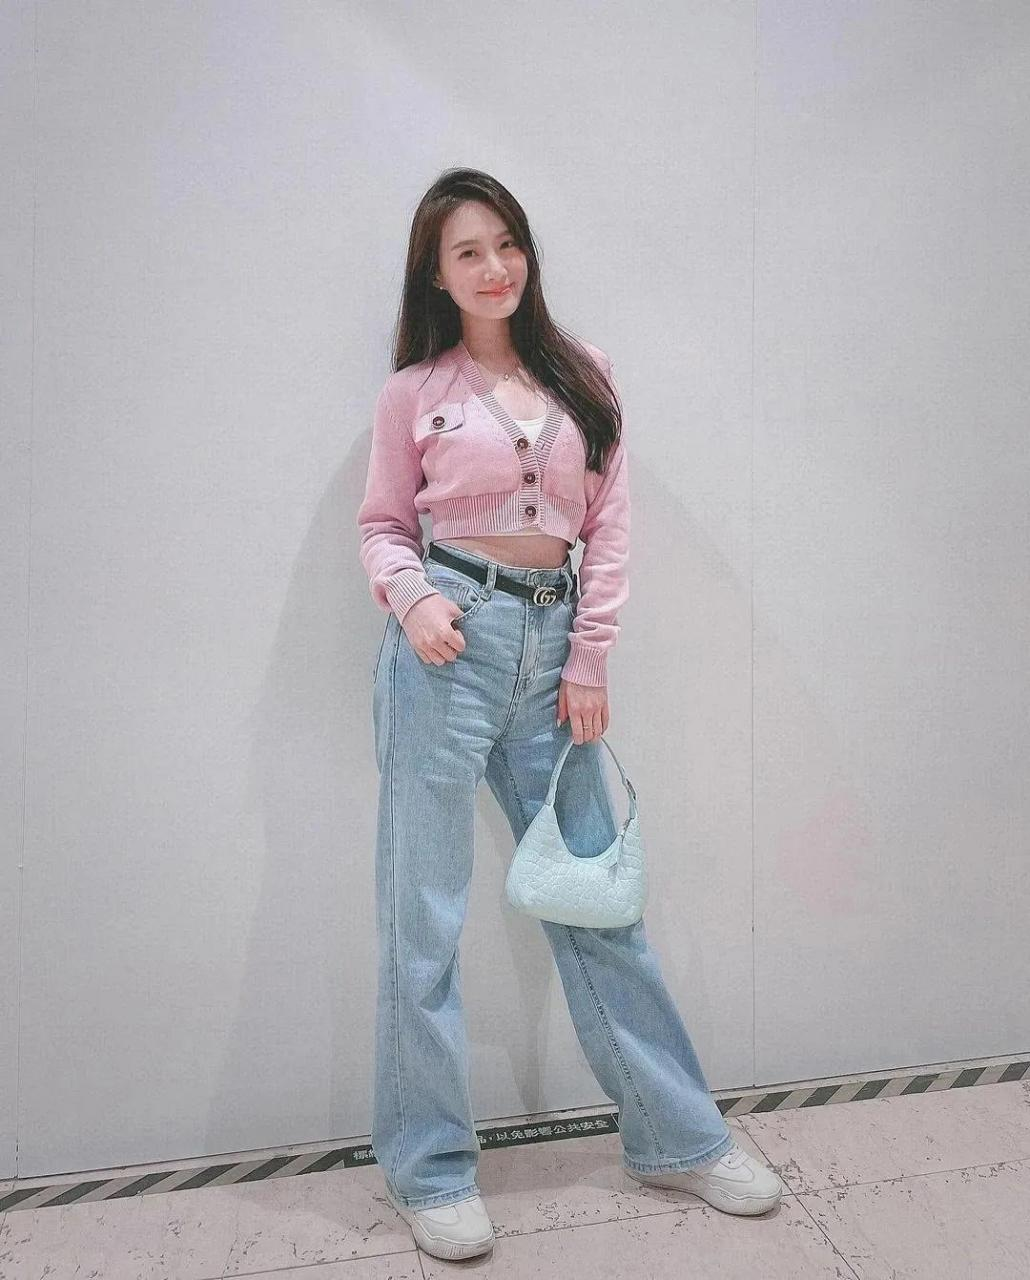 台湾性感美女主播邬又曦,曾从事过护士工作,被称为最美护士